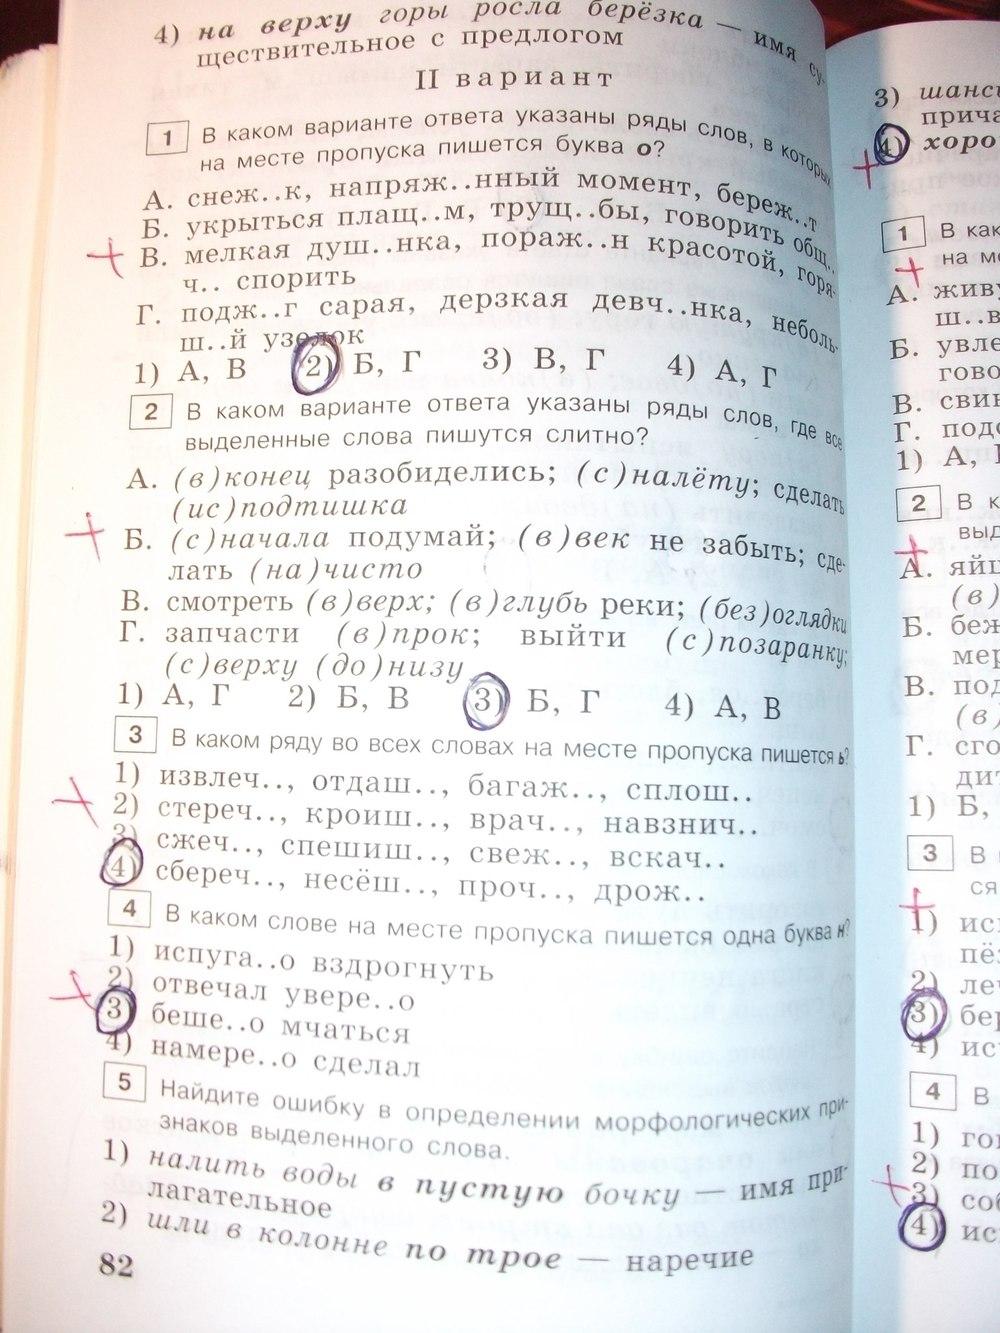 Гдз по русскому класс богданова часть